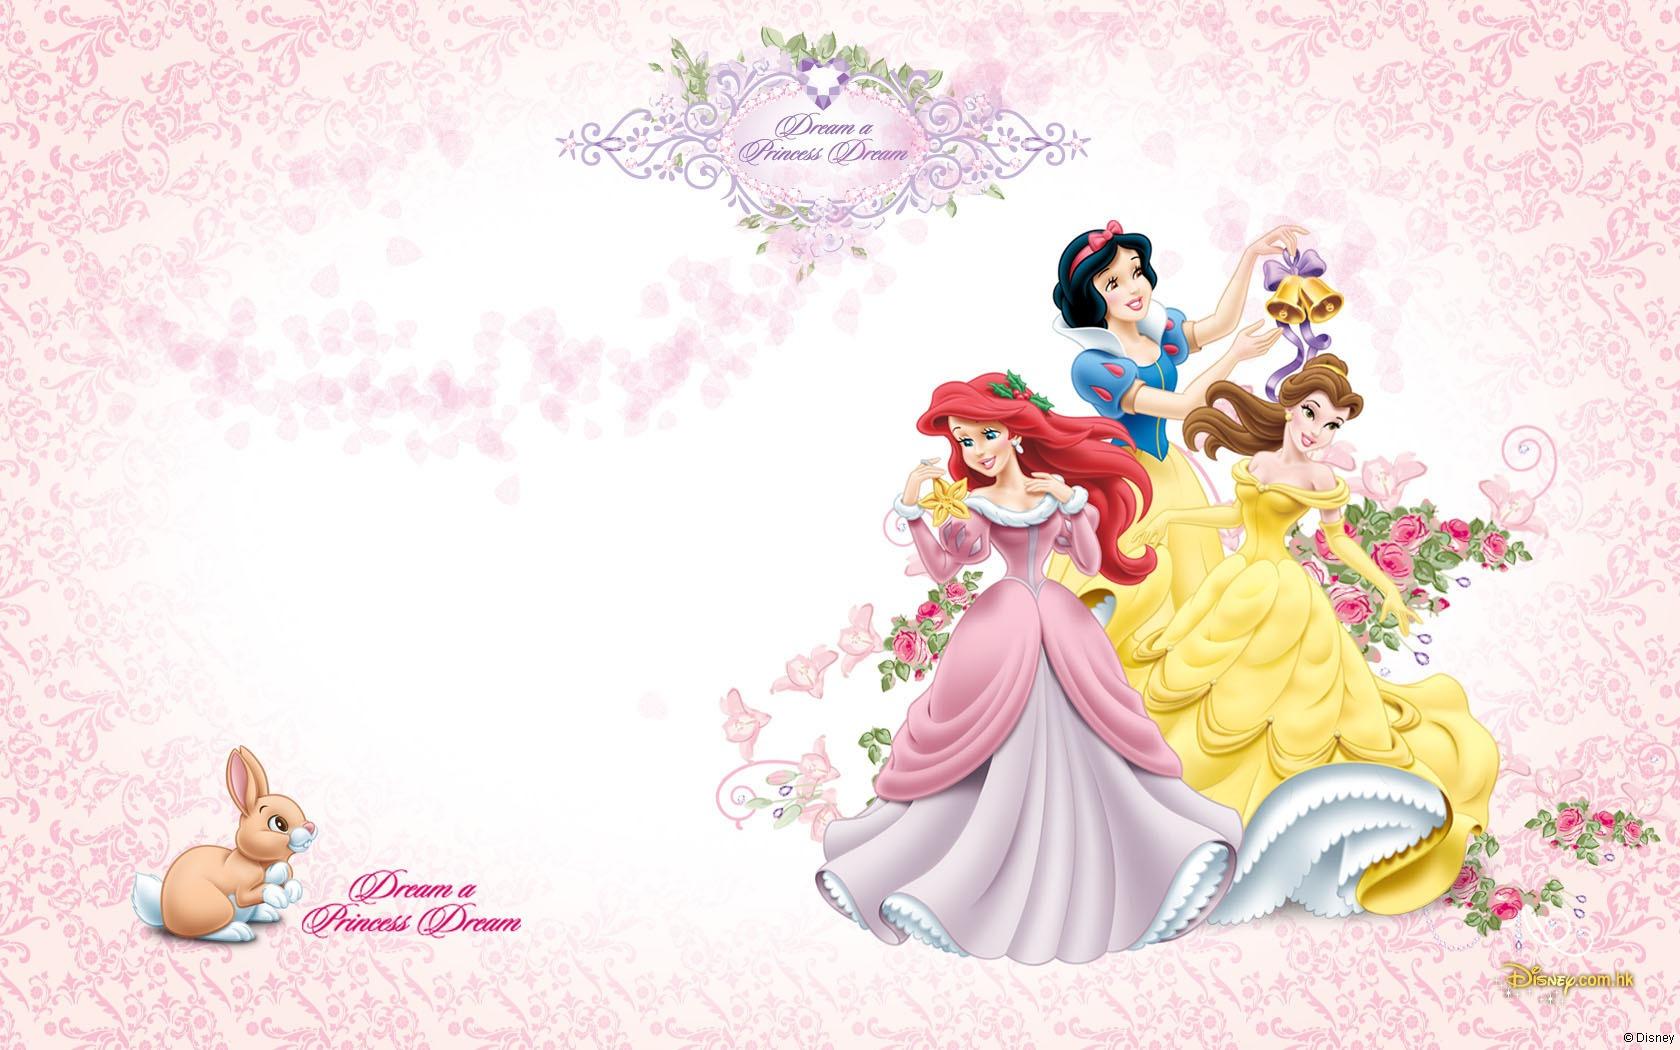 Disney Princess images Disney Princess wallpaper photos 33693784 1680x1050